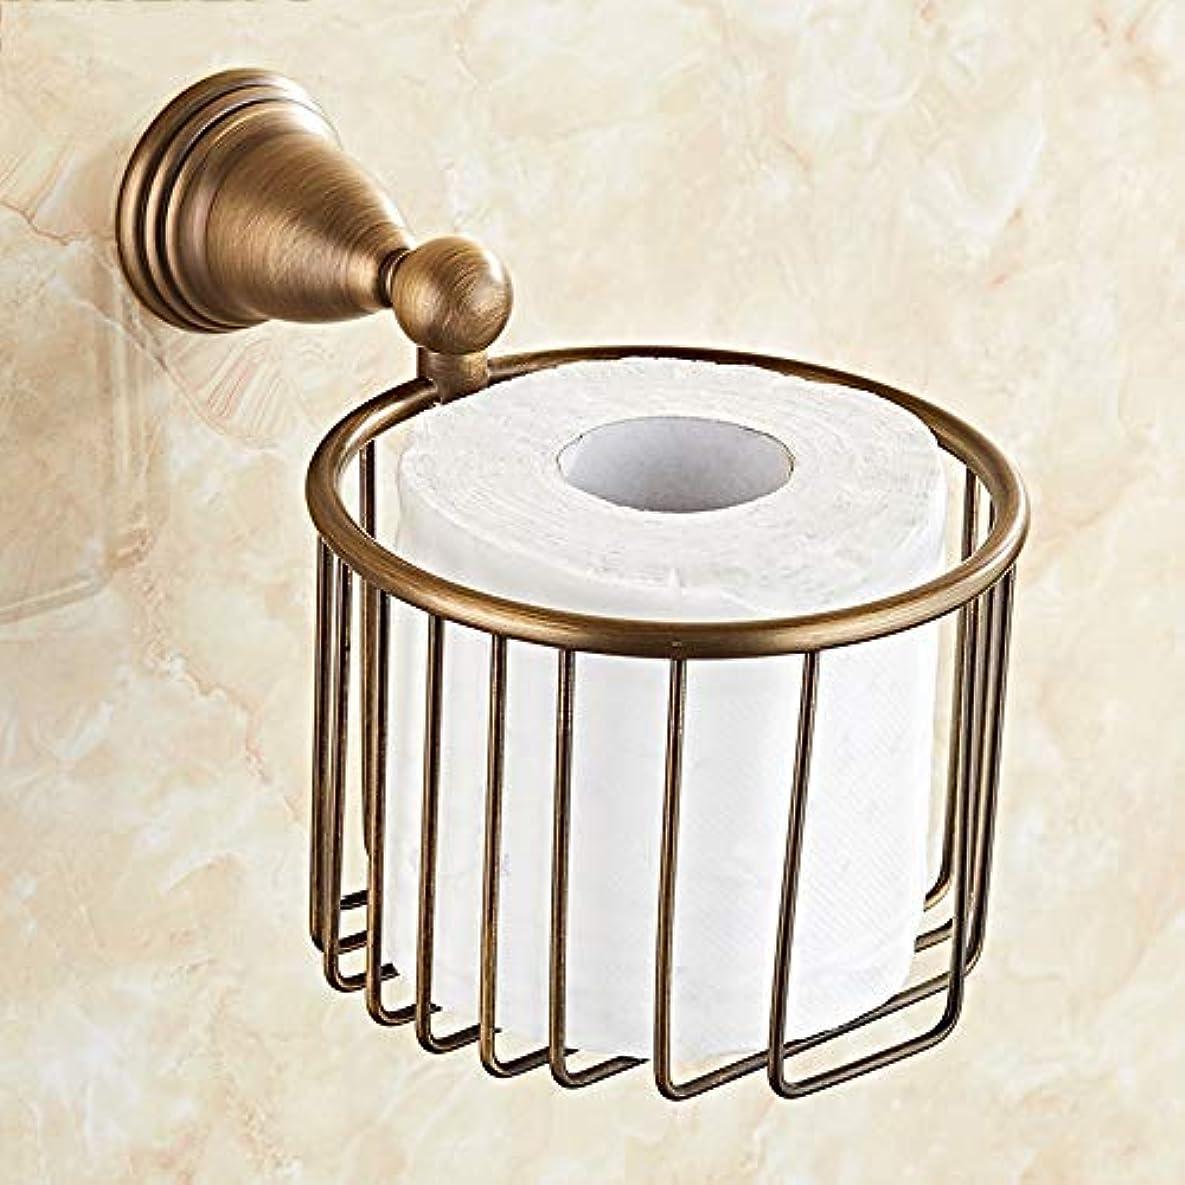 絶望結婚する溶岩ZZLX 紙タオルホルダー、無料パンチングヨーロッパスタイルフル銅バスルームのハードウェアアンティークトイレットペーパーホルダーロールホルダー ロングハンドル風呂ブラシ (色 : Punch hole)